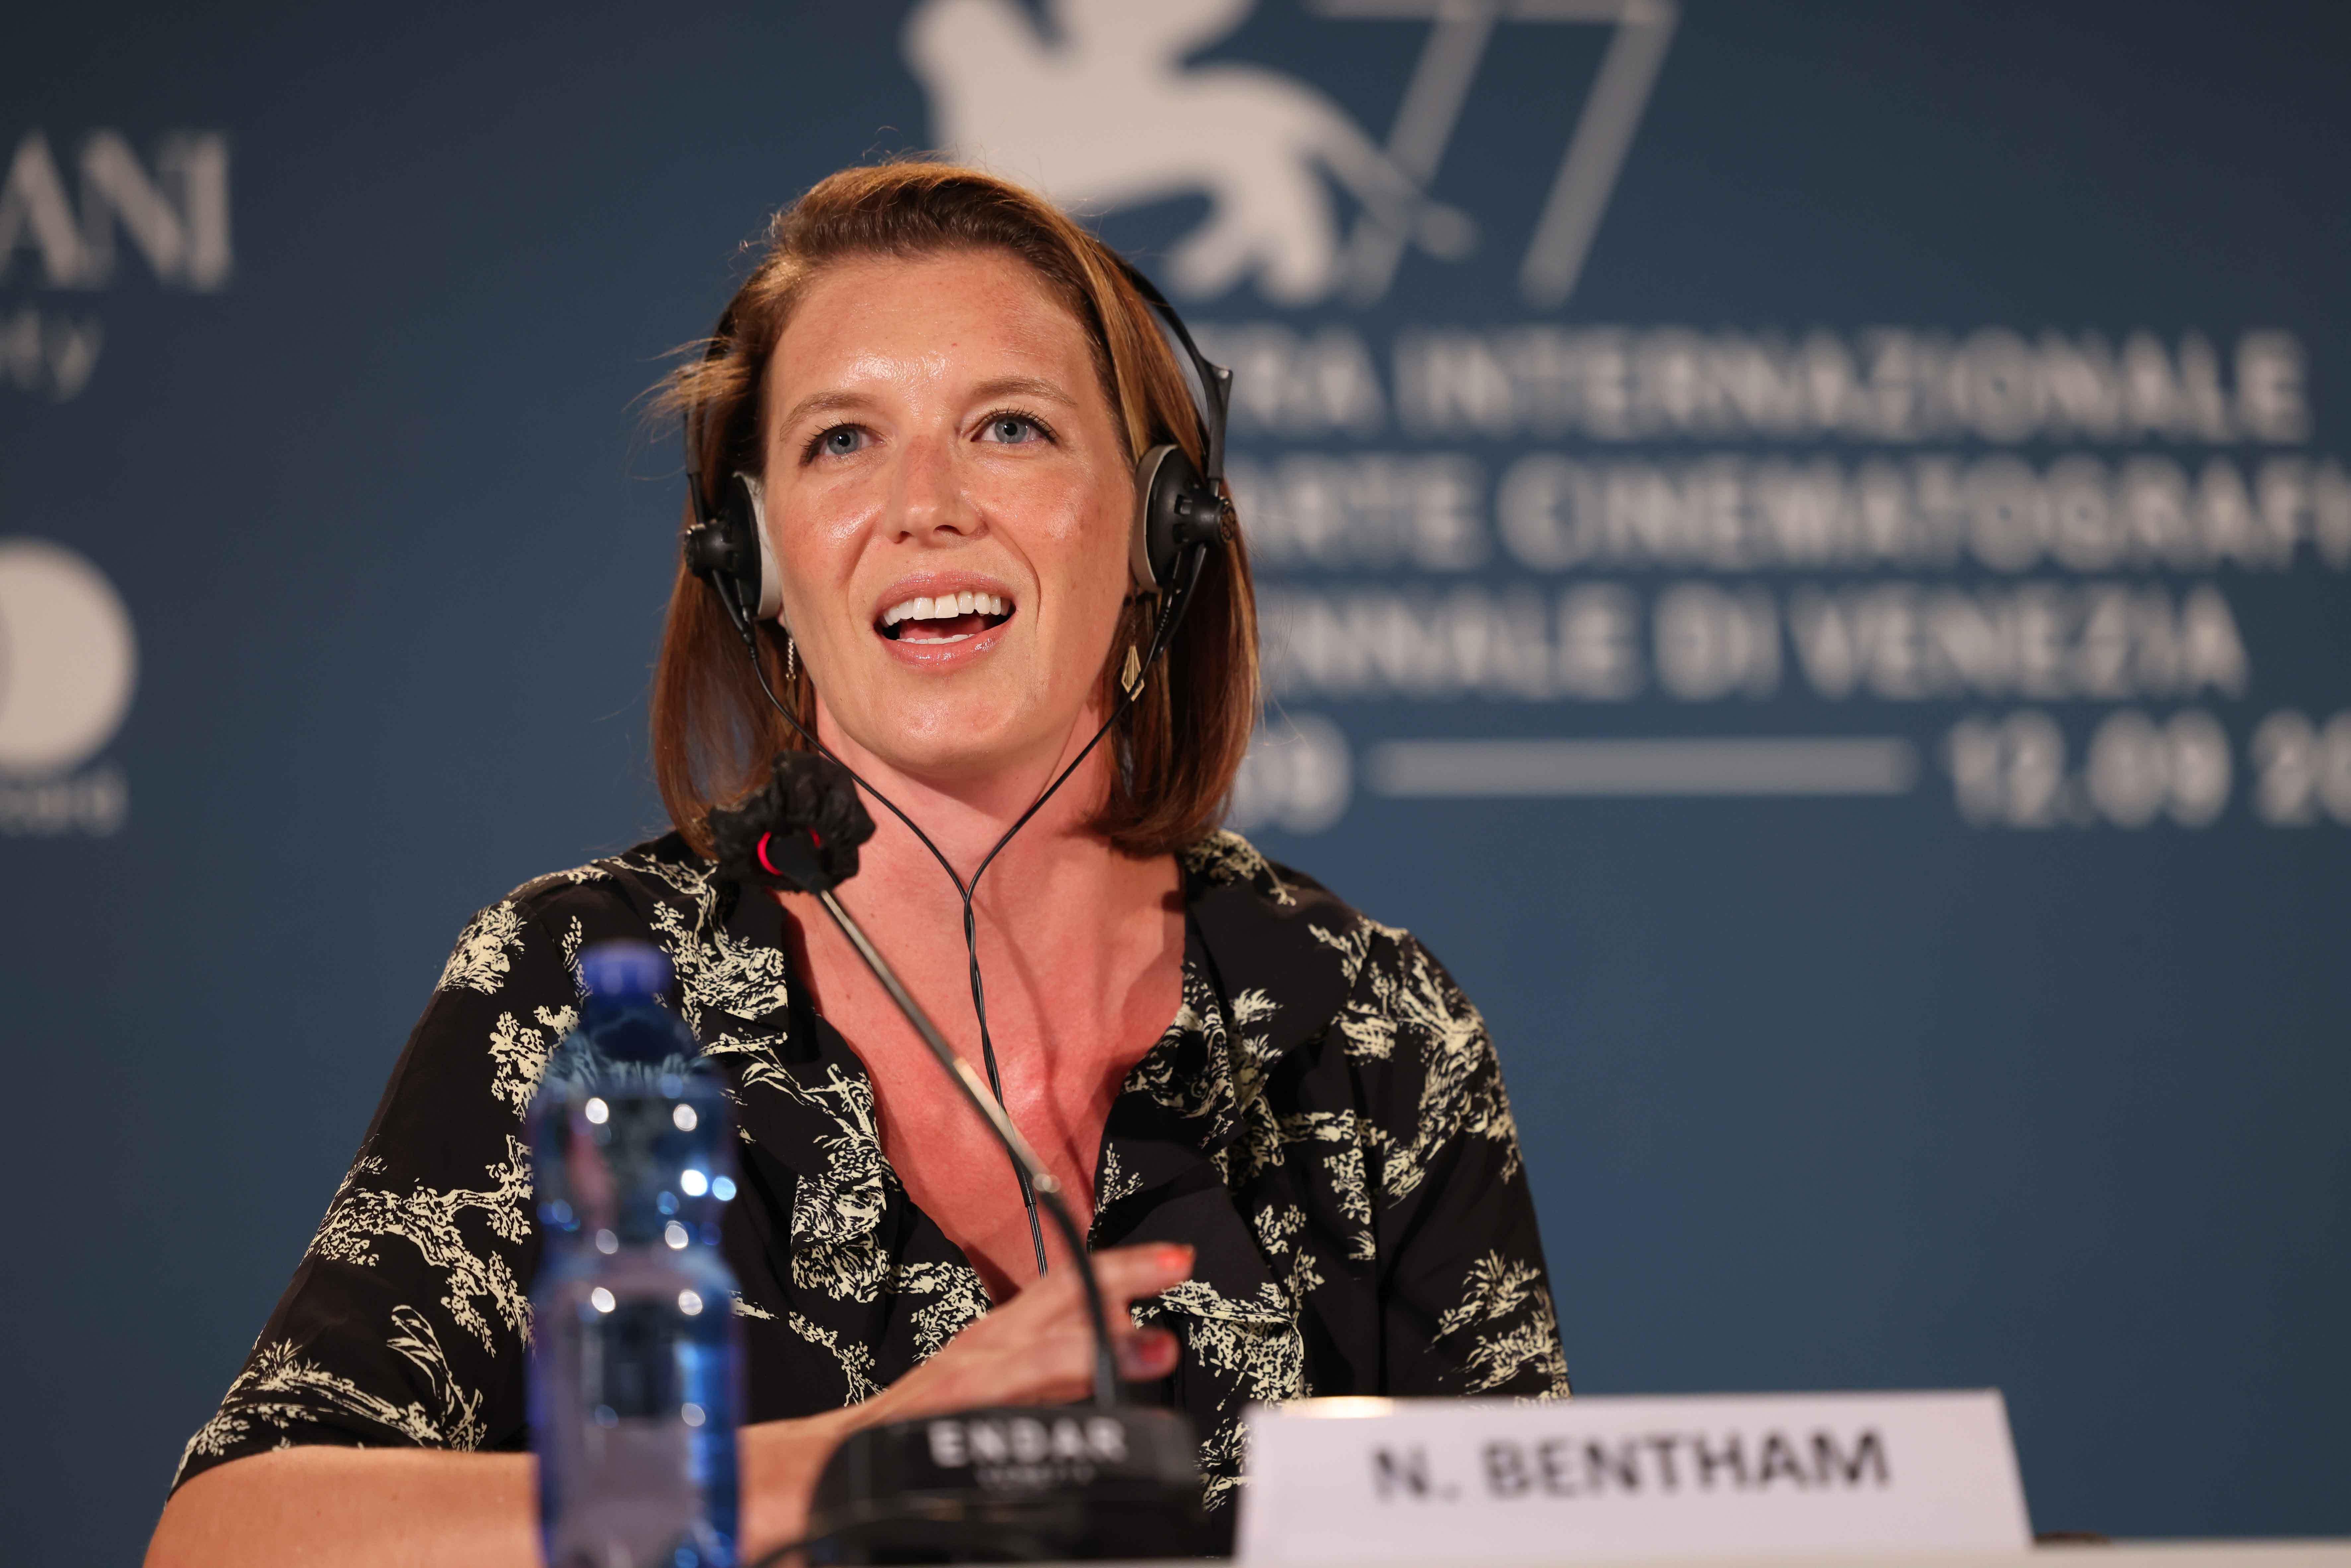 La produttrice Nicky Bentham